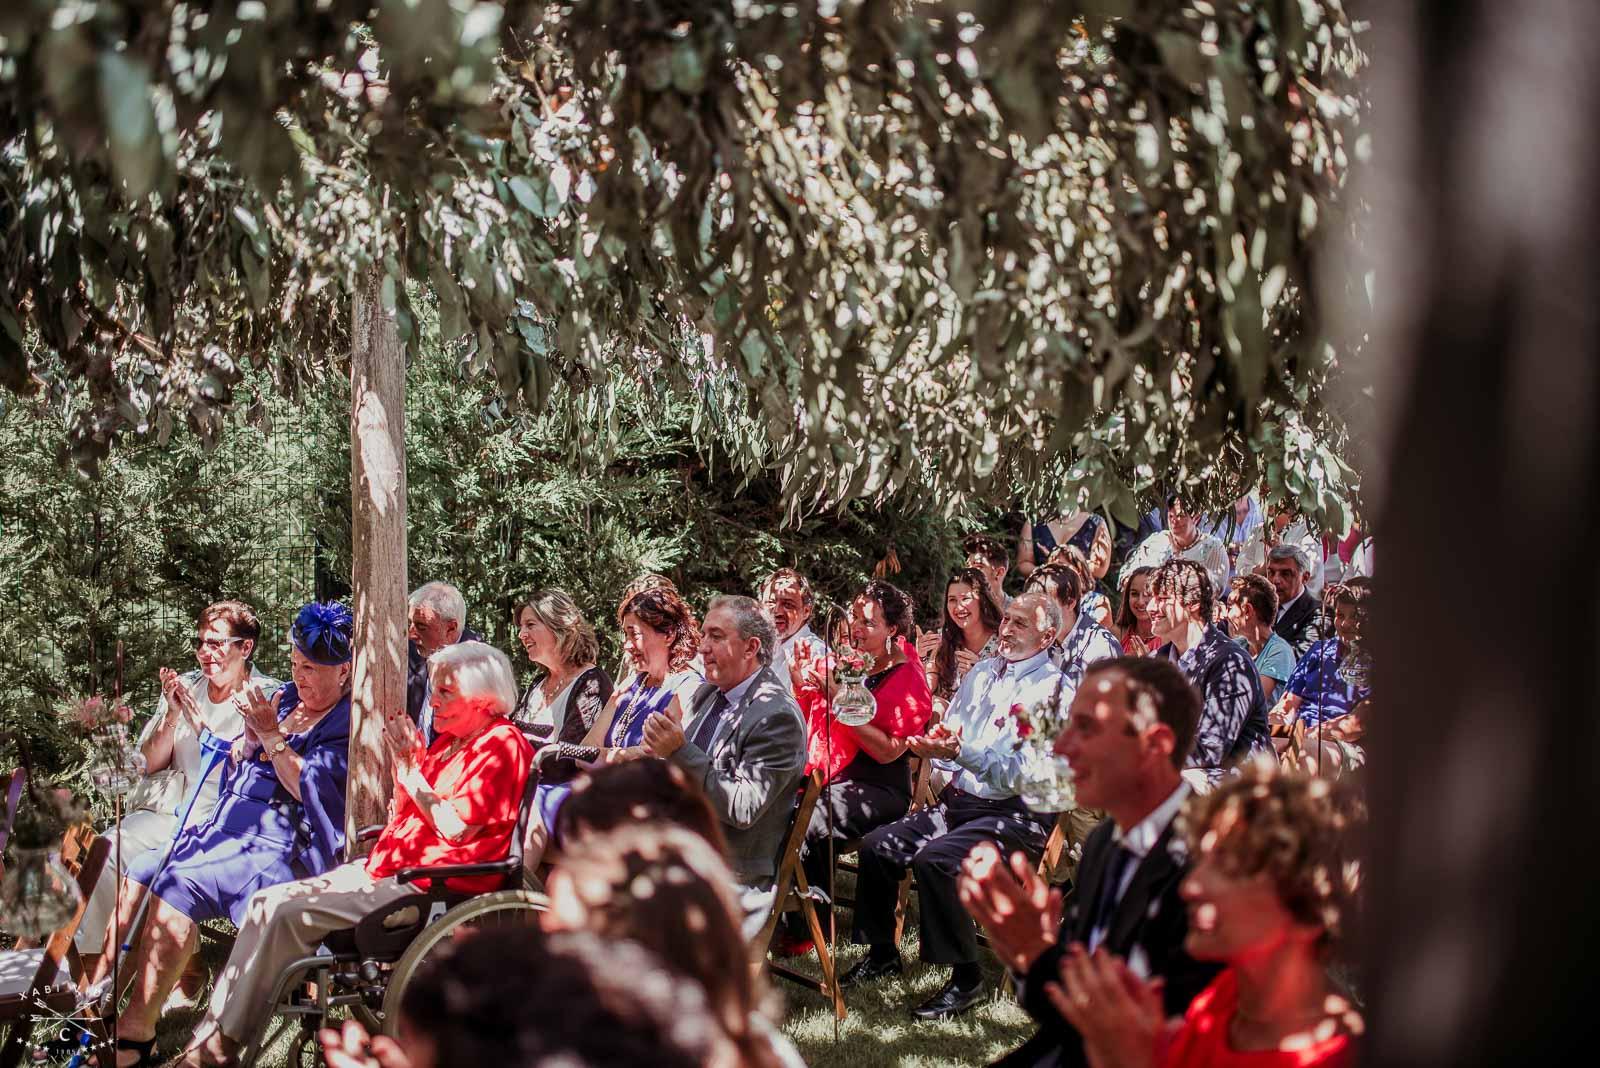 fotografo de bodas en bilbao-90